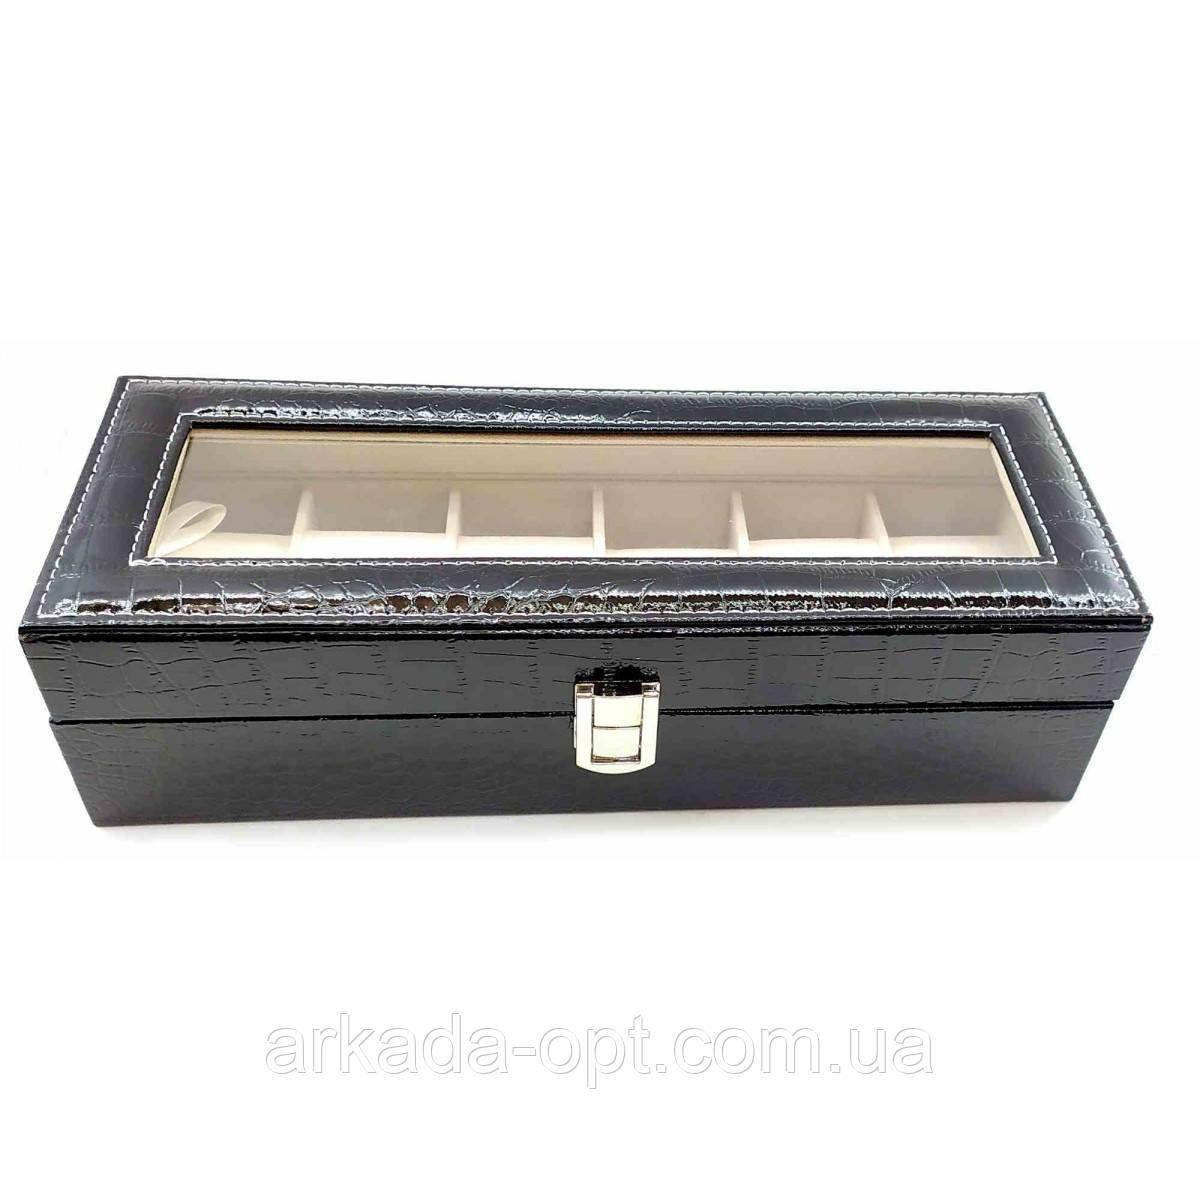 Скринька для годин для 6 годин 30х11.5х8 см (DN32797)